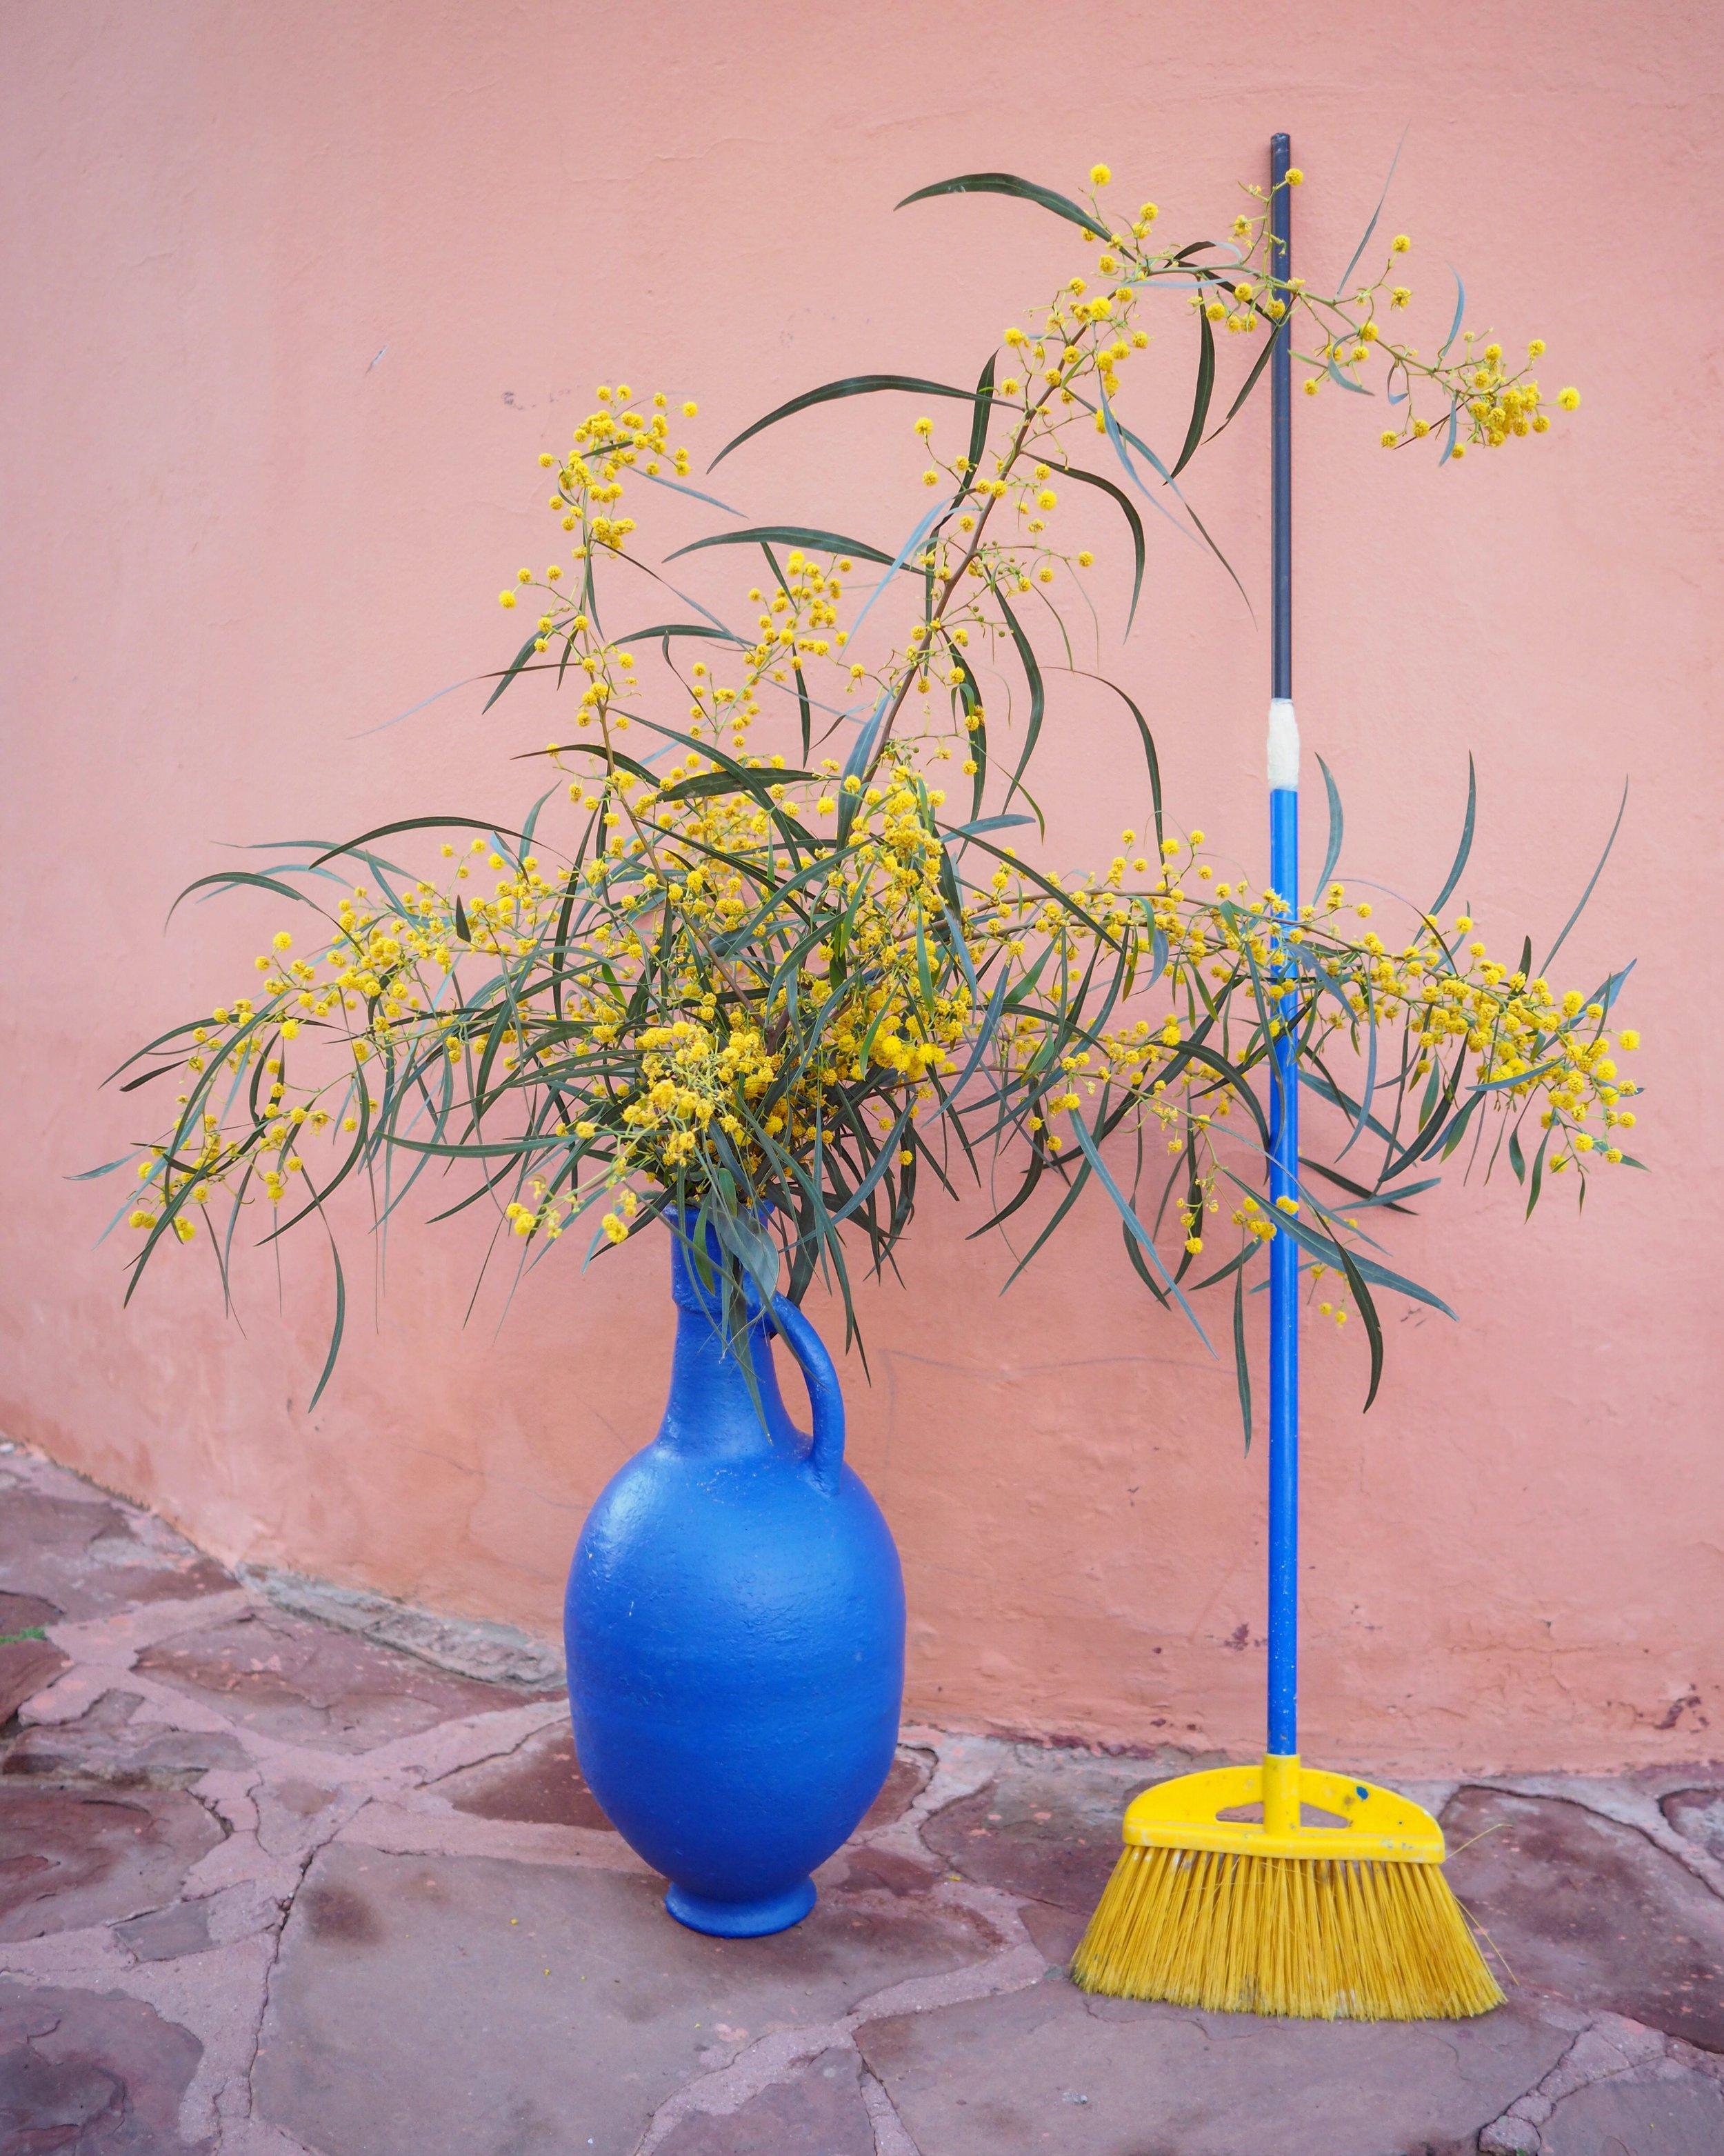 Mimosa flower and gardener Mohamed's broom